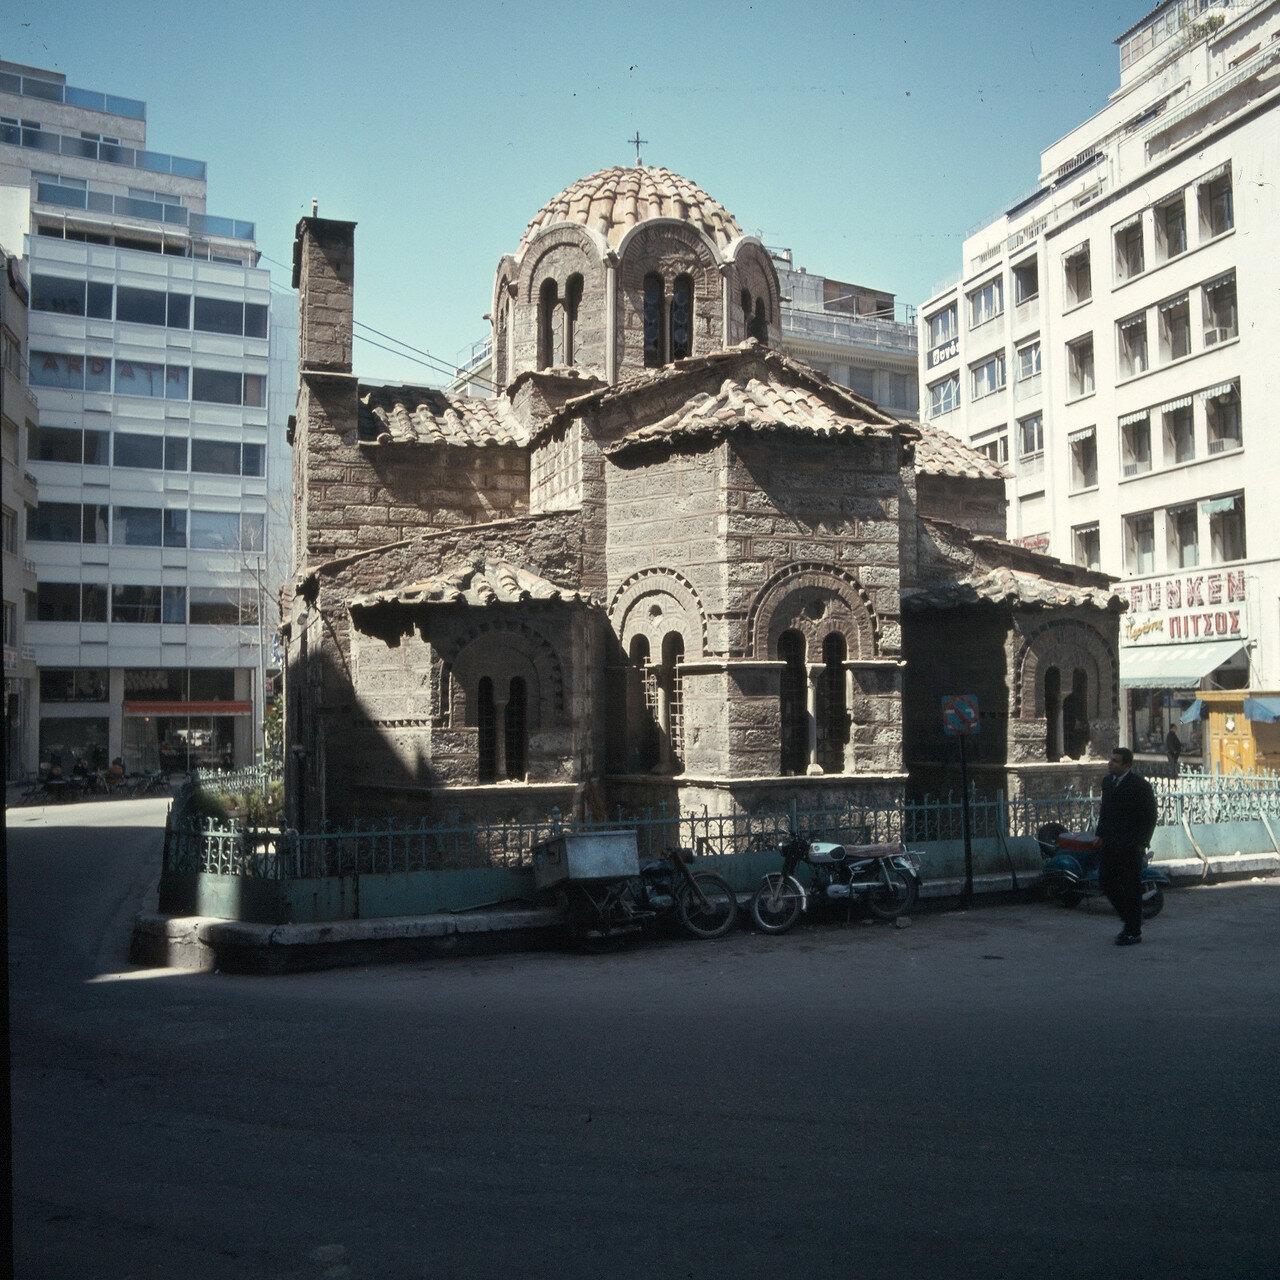 1971. Афины. Улица Эрму. Церковь Богородицы Капникареи